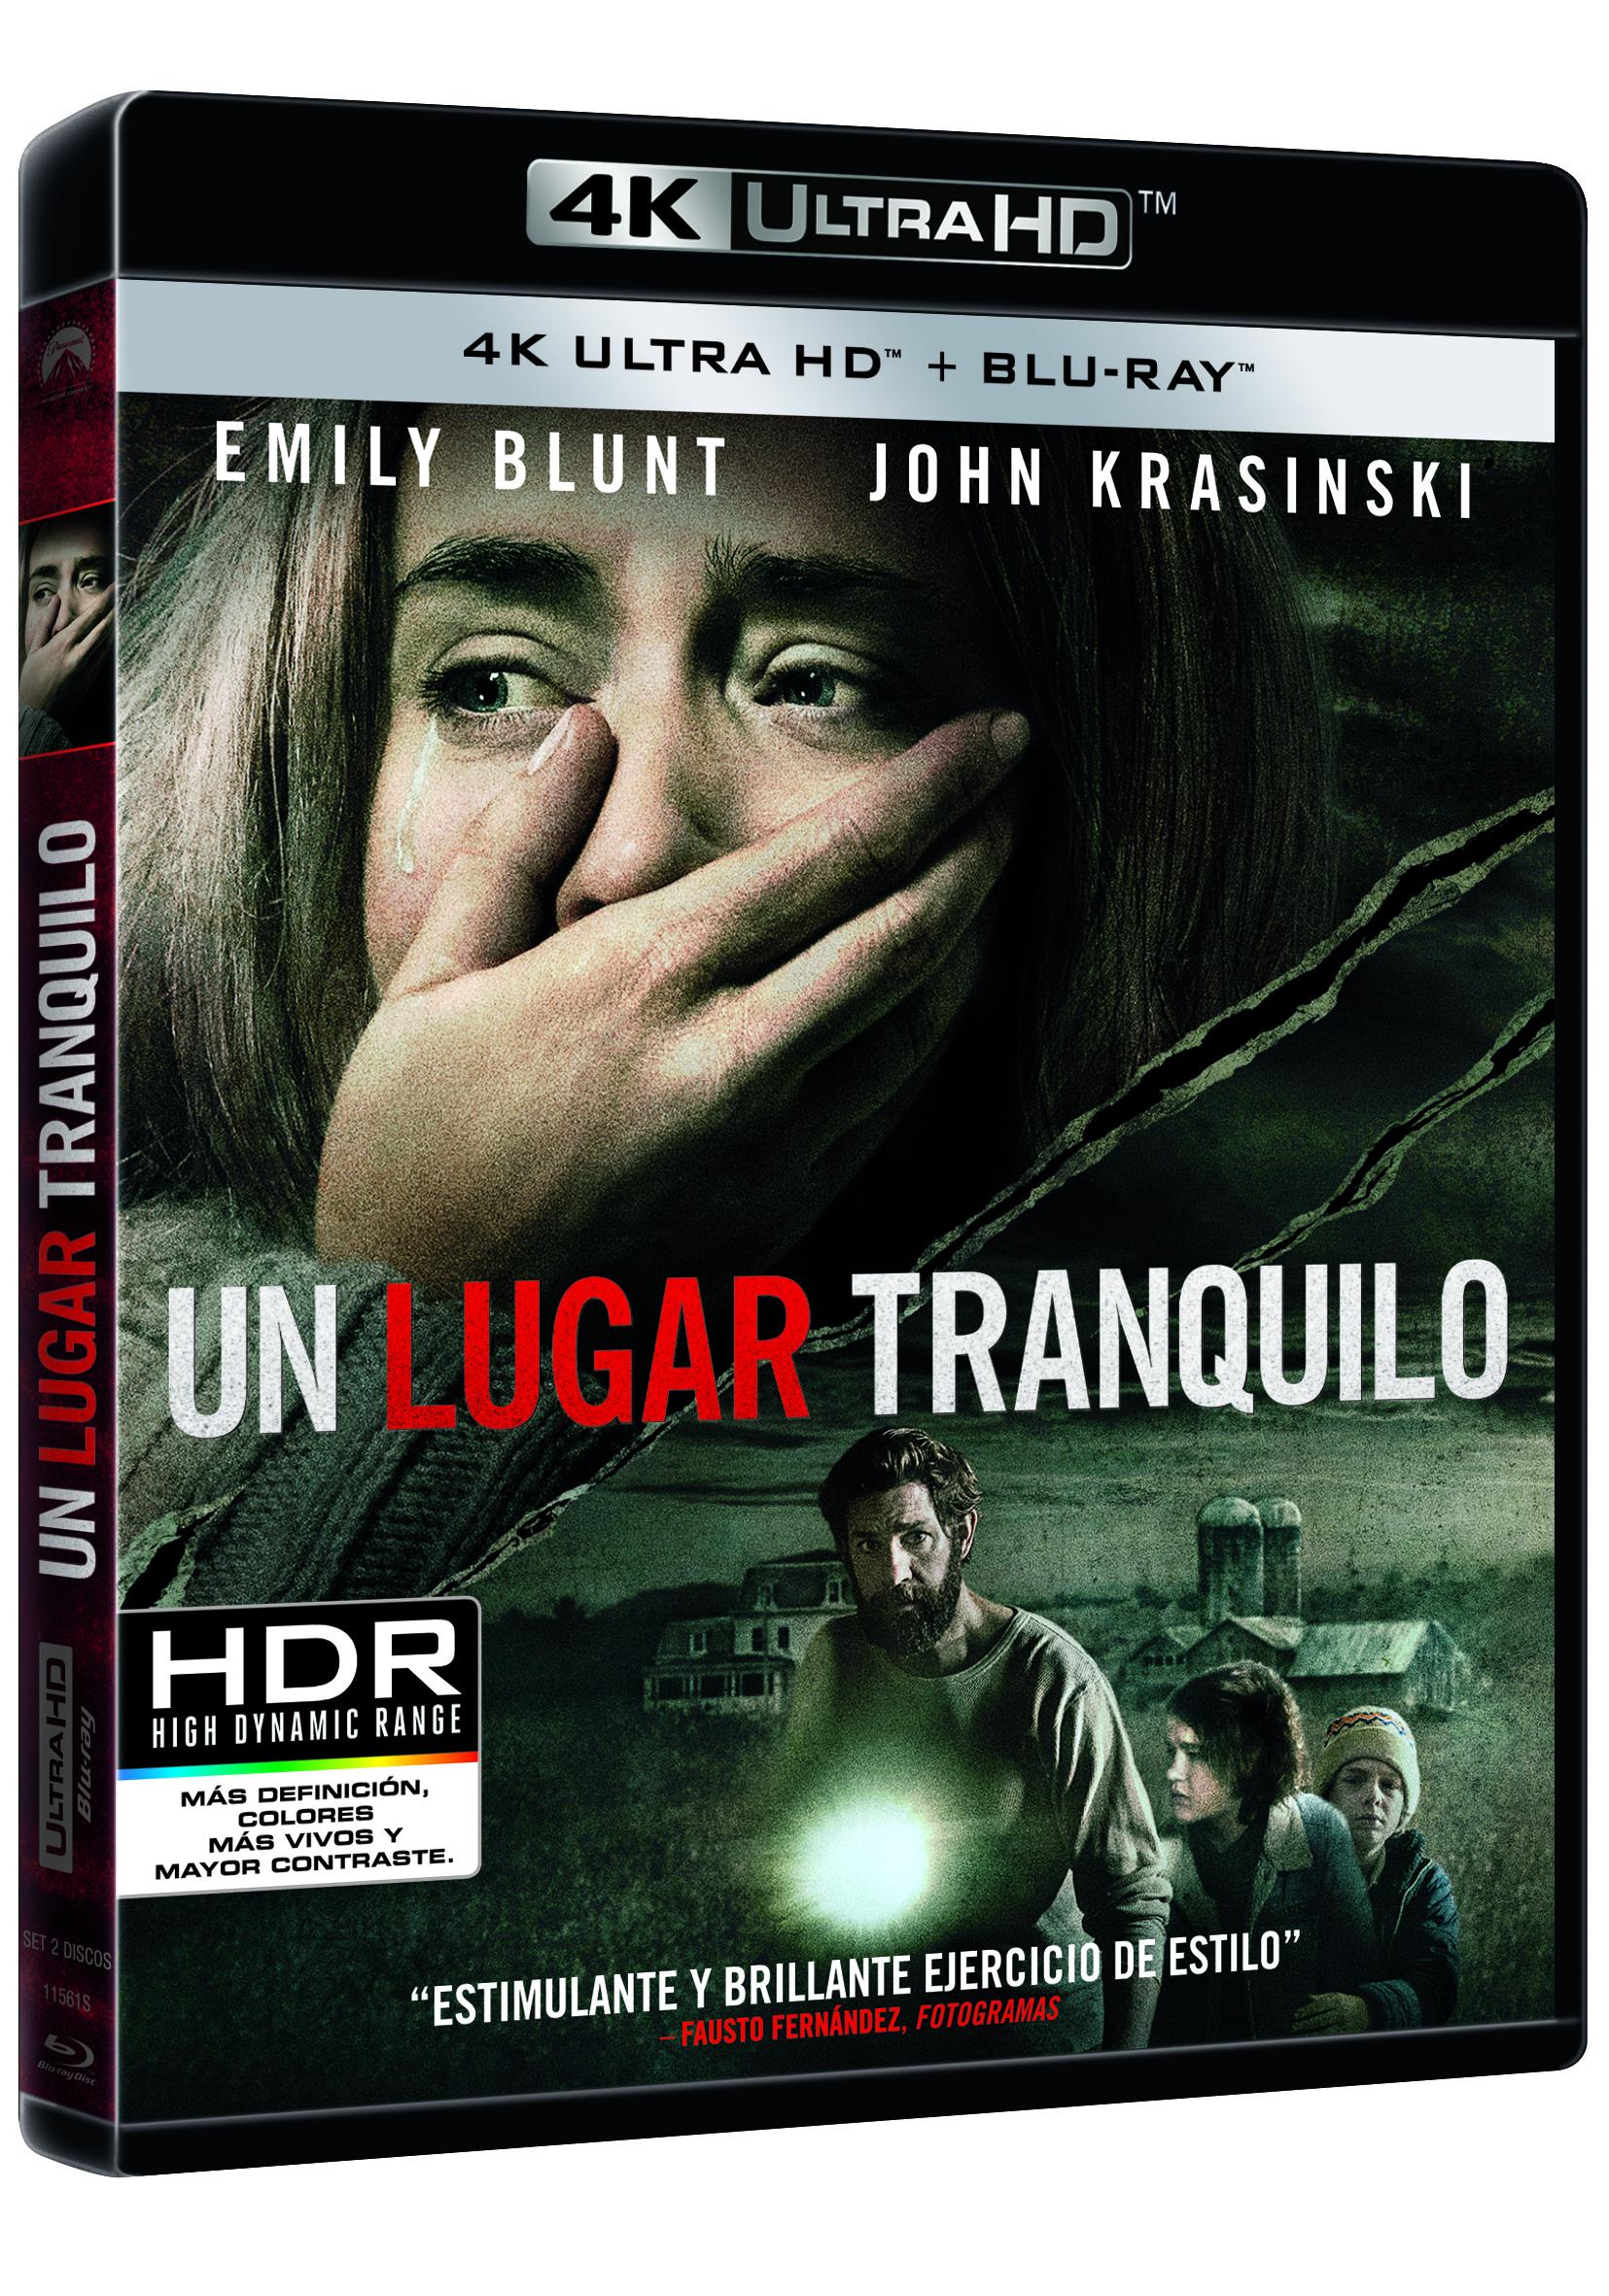 'Un lugar tranquilo' llegará en 4K Ultra HD, Steelbook, Blu-ray y Dvd el 5 de septiembre • En tu pantalla